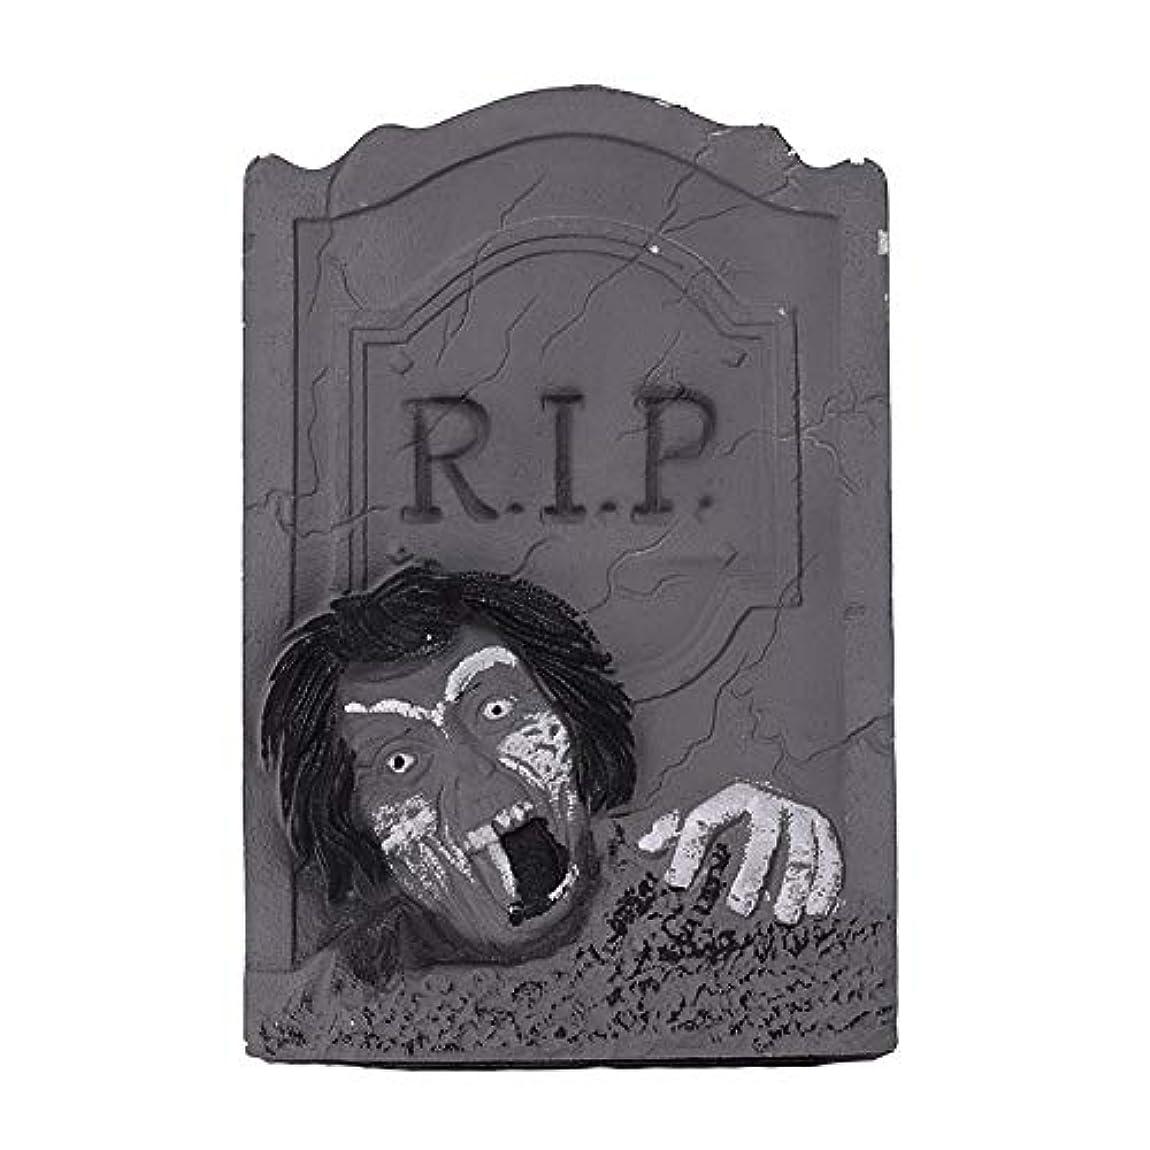 名誉ある三十噂ETRRUU HOME ハロウィーンの装飾新しい墓石バーKTVお化け屋敷秘密の部屋ホラー装飾品写真の小道具